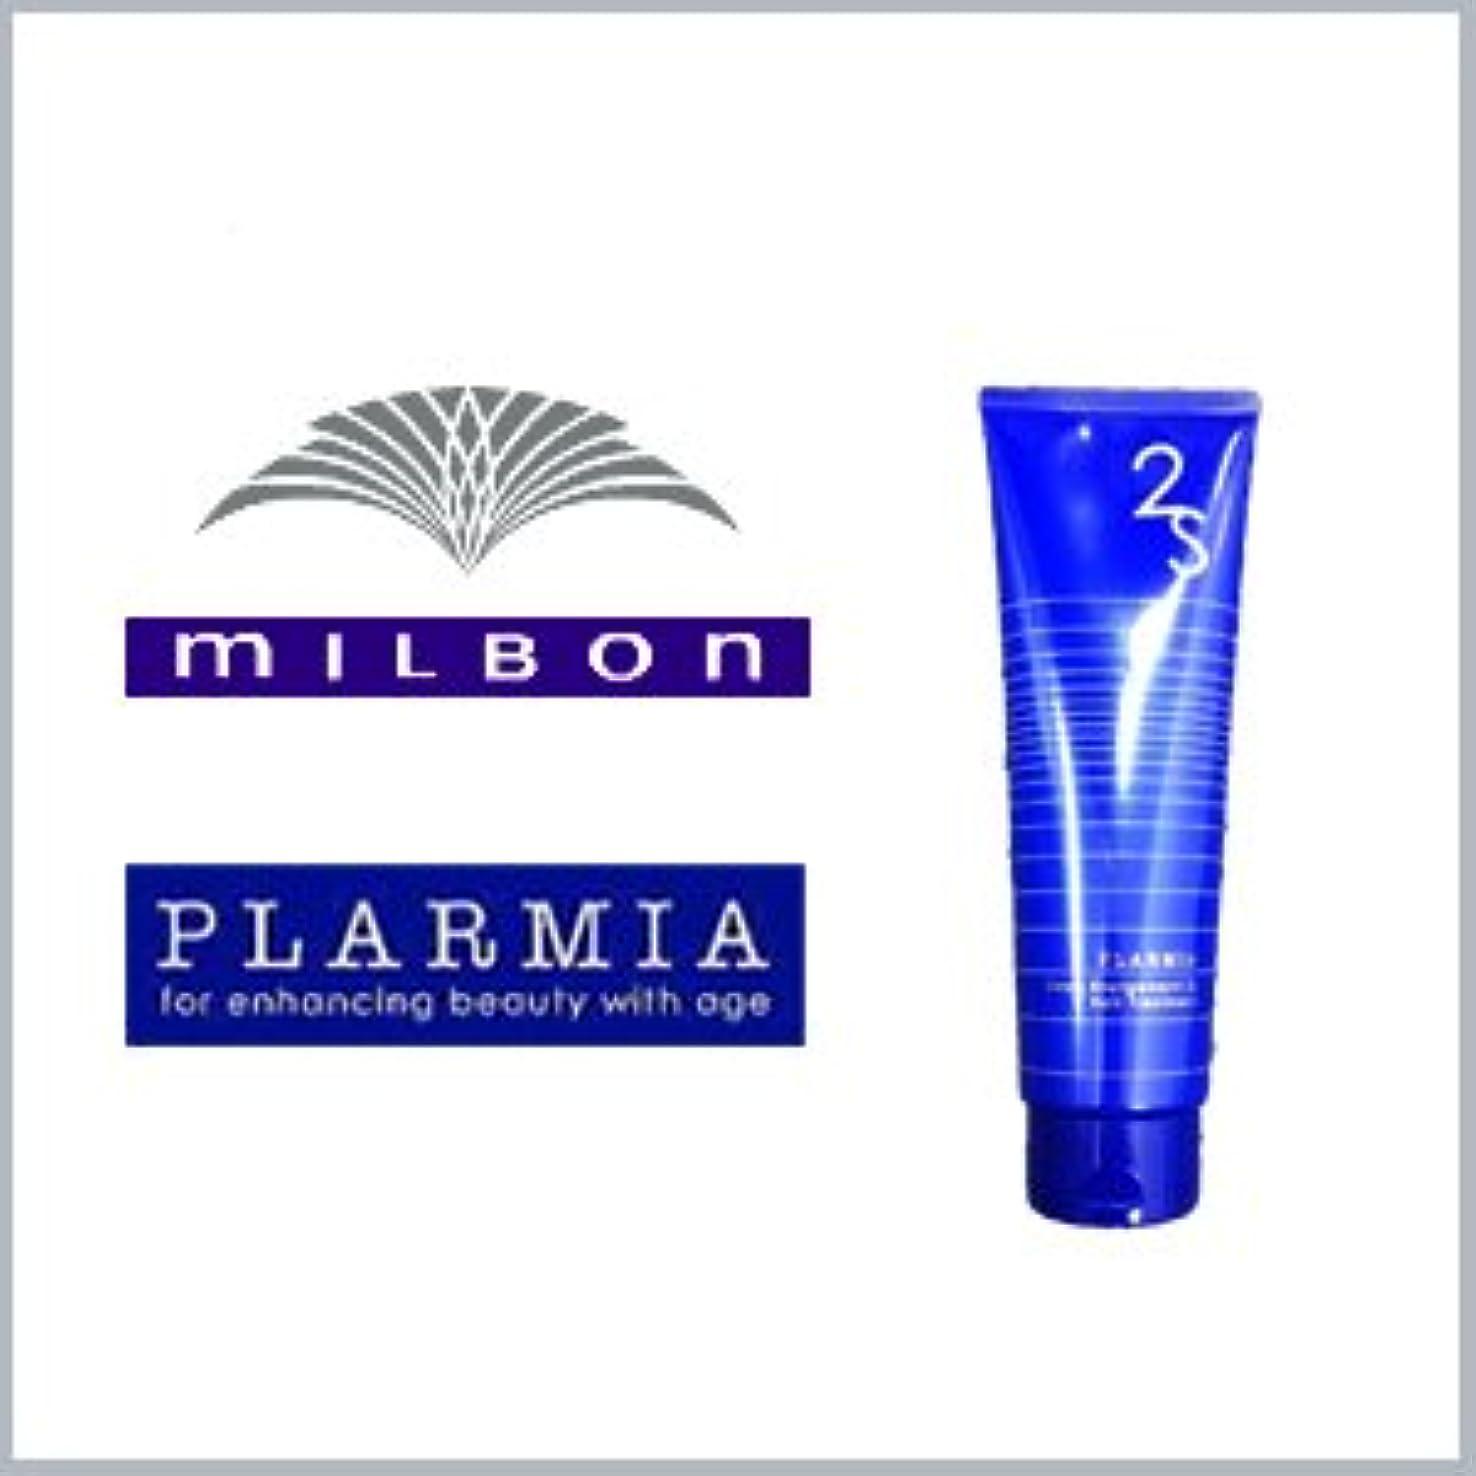 代替案リム配分ミルボン プラーミア ディープエナジメント2S 250g 容器入り